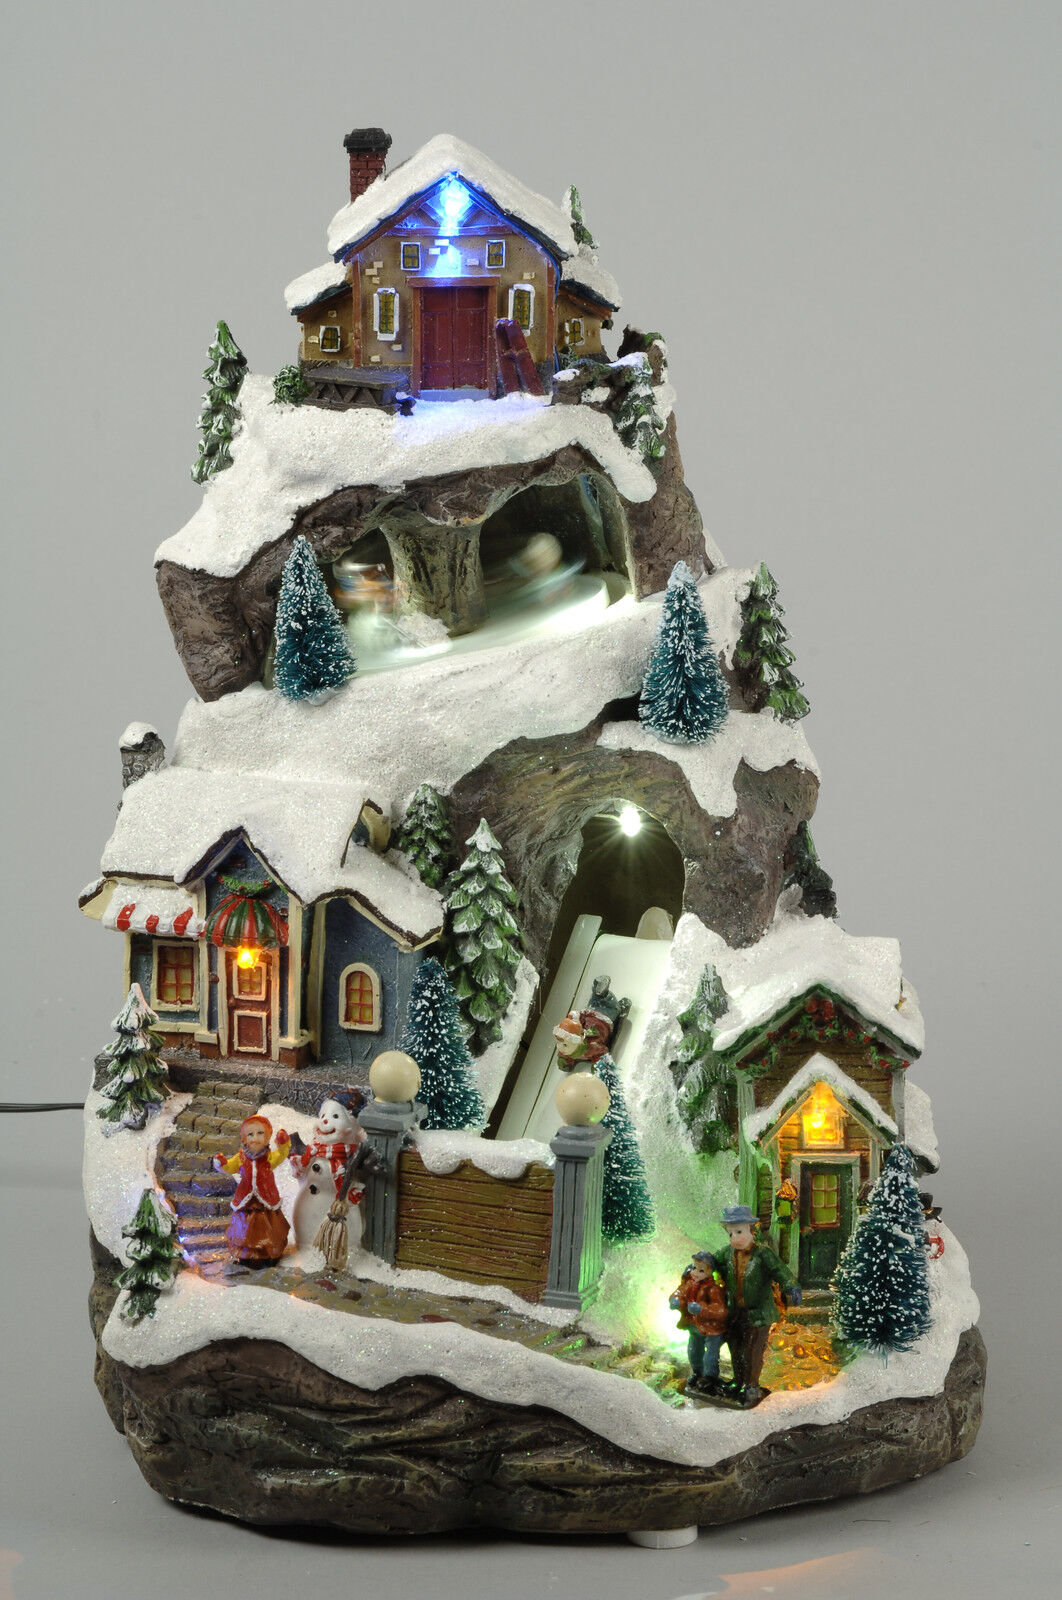 VILLAGGIO NATALIZIO A LUCI LED Neve Addobbi Natale Decorazioni Natalizie 481304